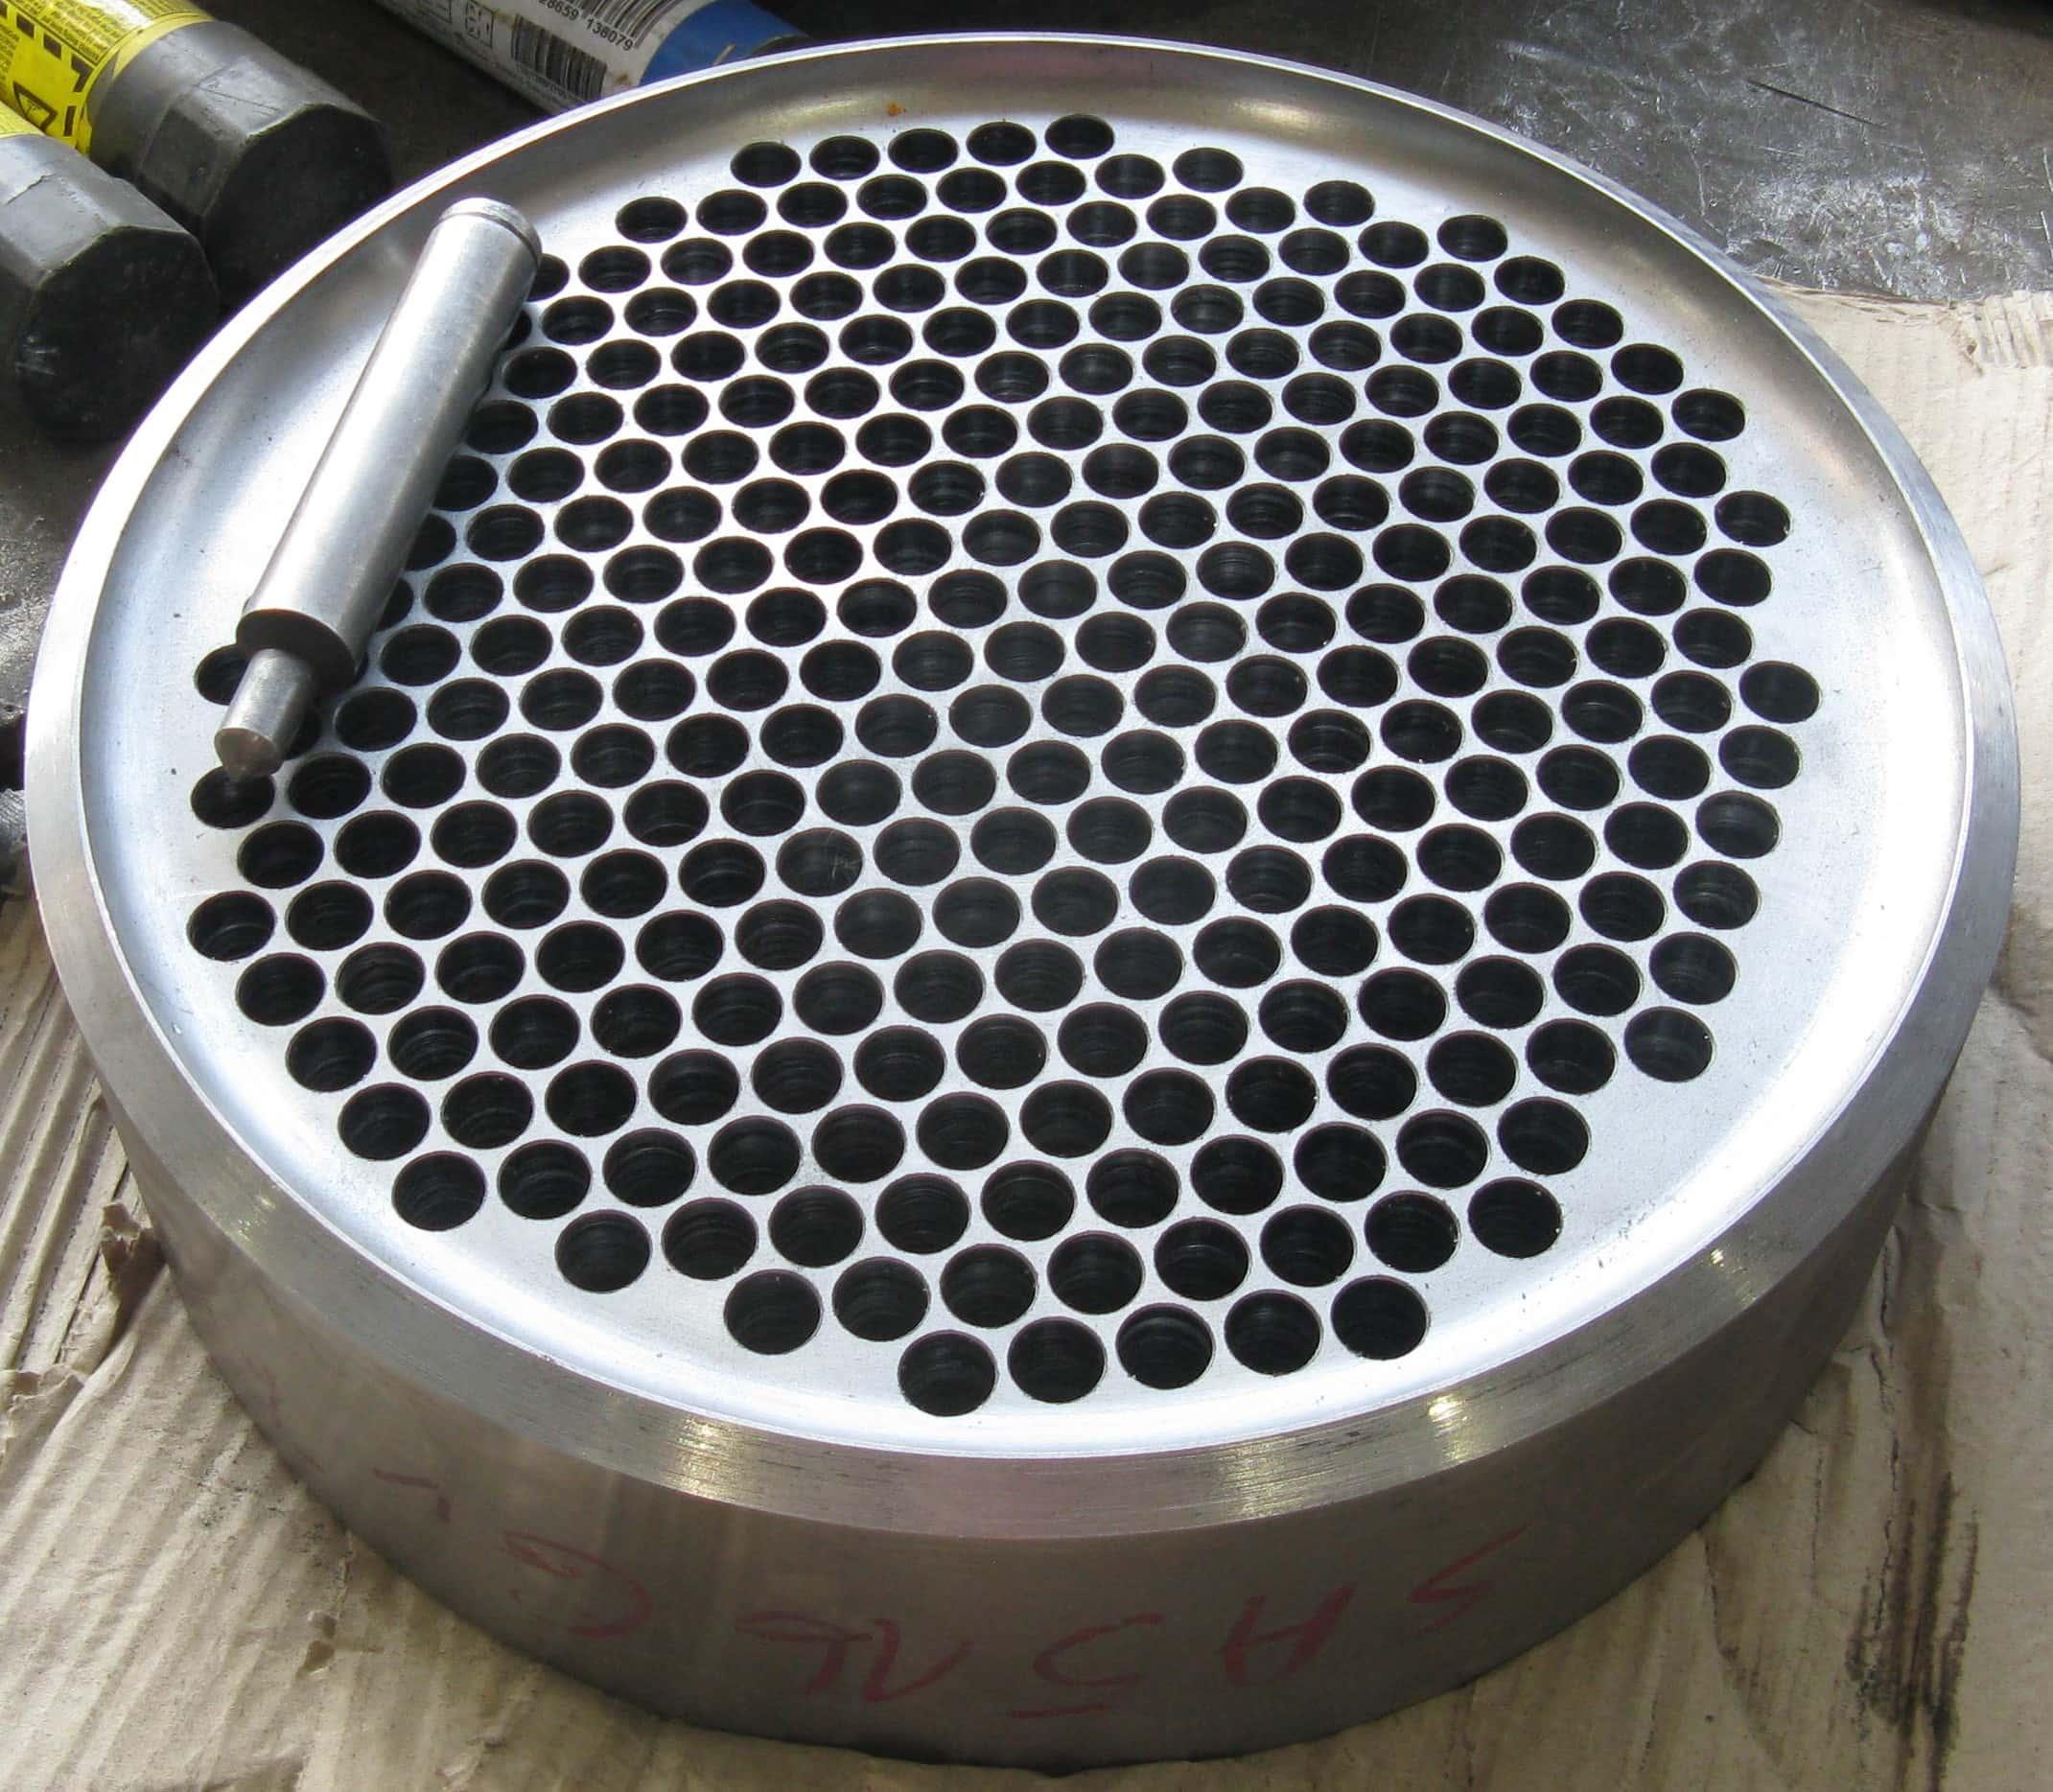 projektowanie zbiorników ciśnieniowych PED 2014/68/UE